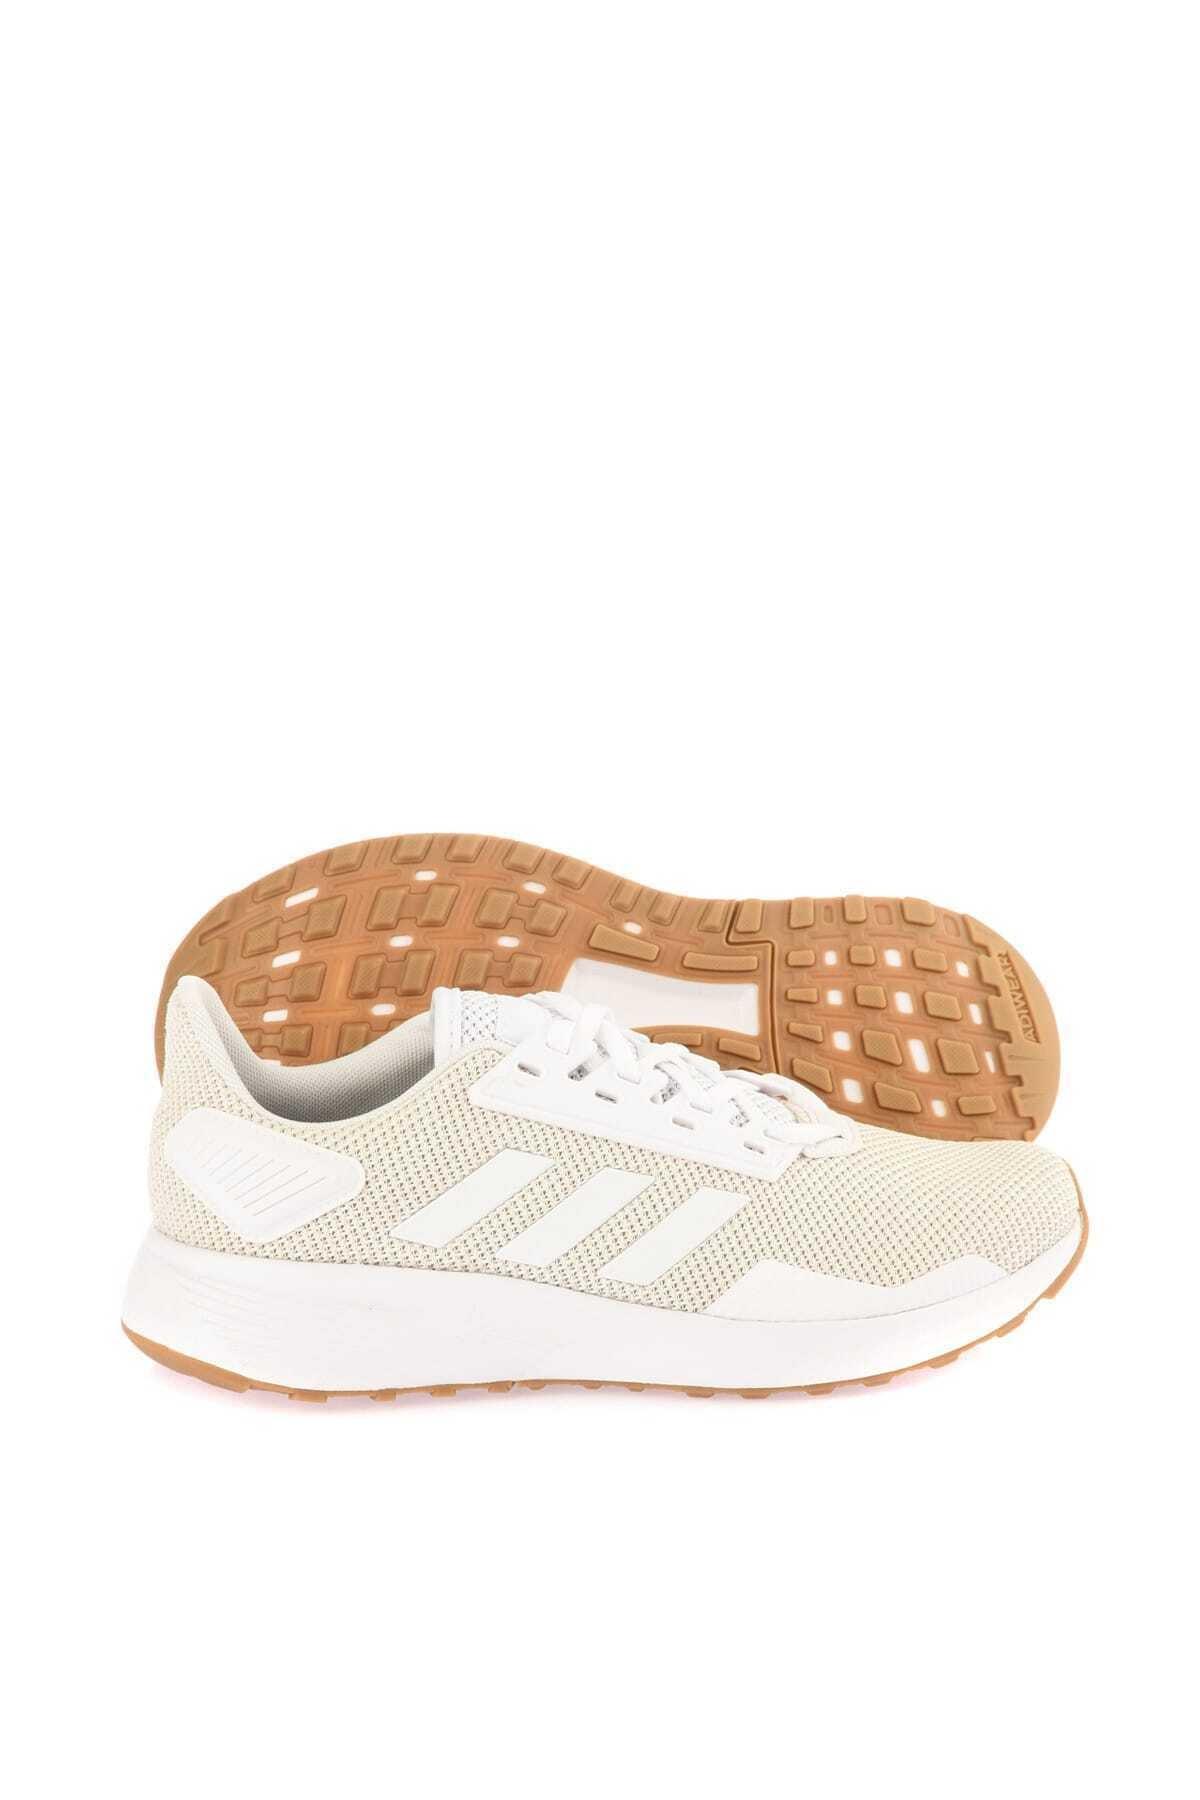 adidas DURAMO 9 Beyaz Erkek Koşu Ayakkabısı 100409034 1